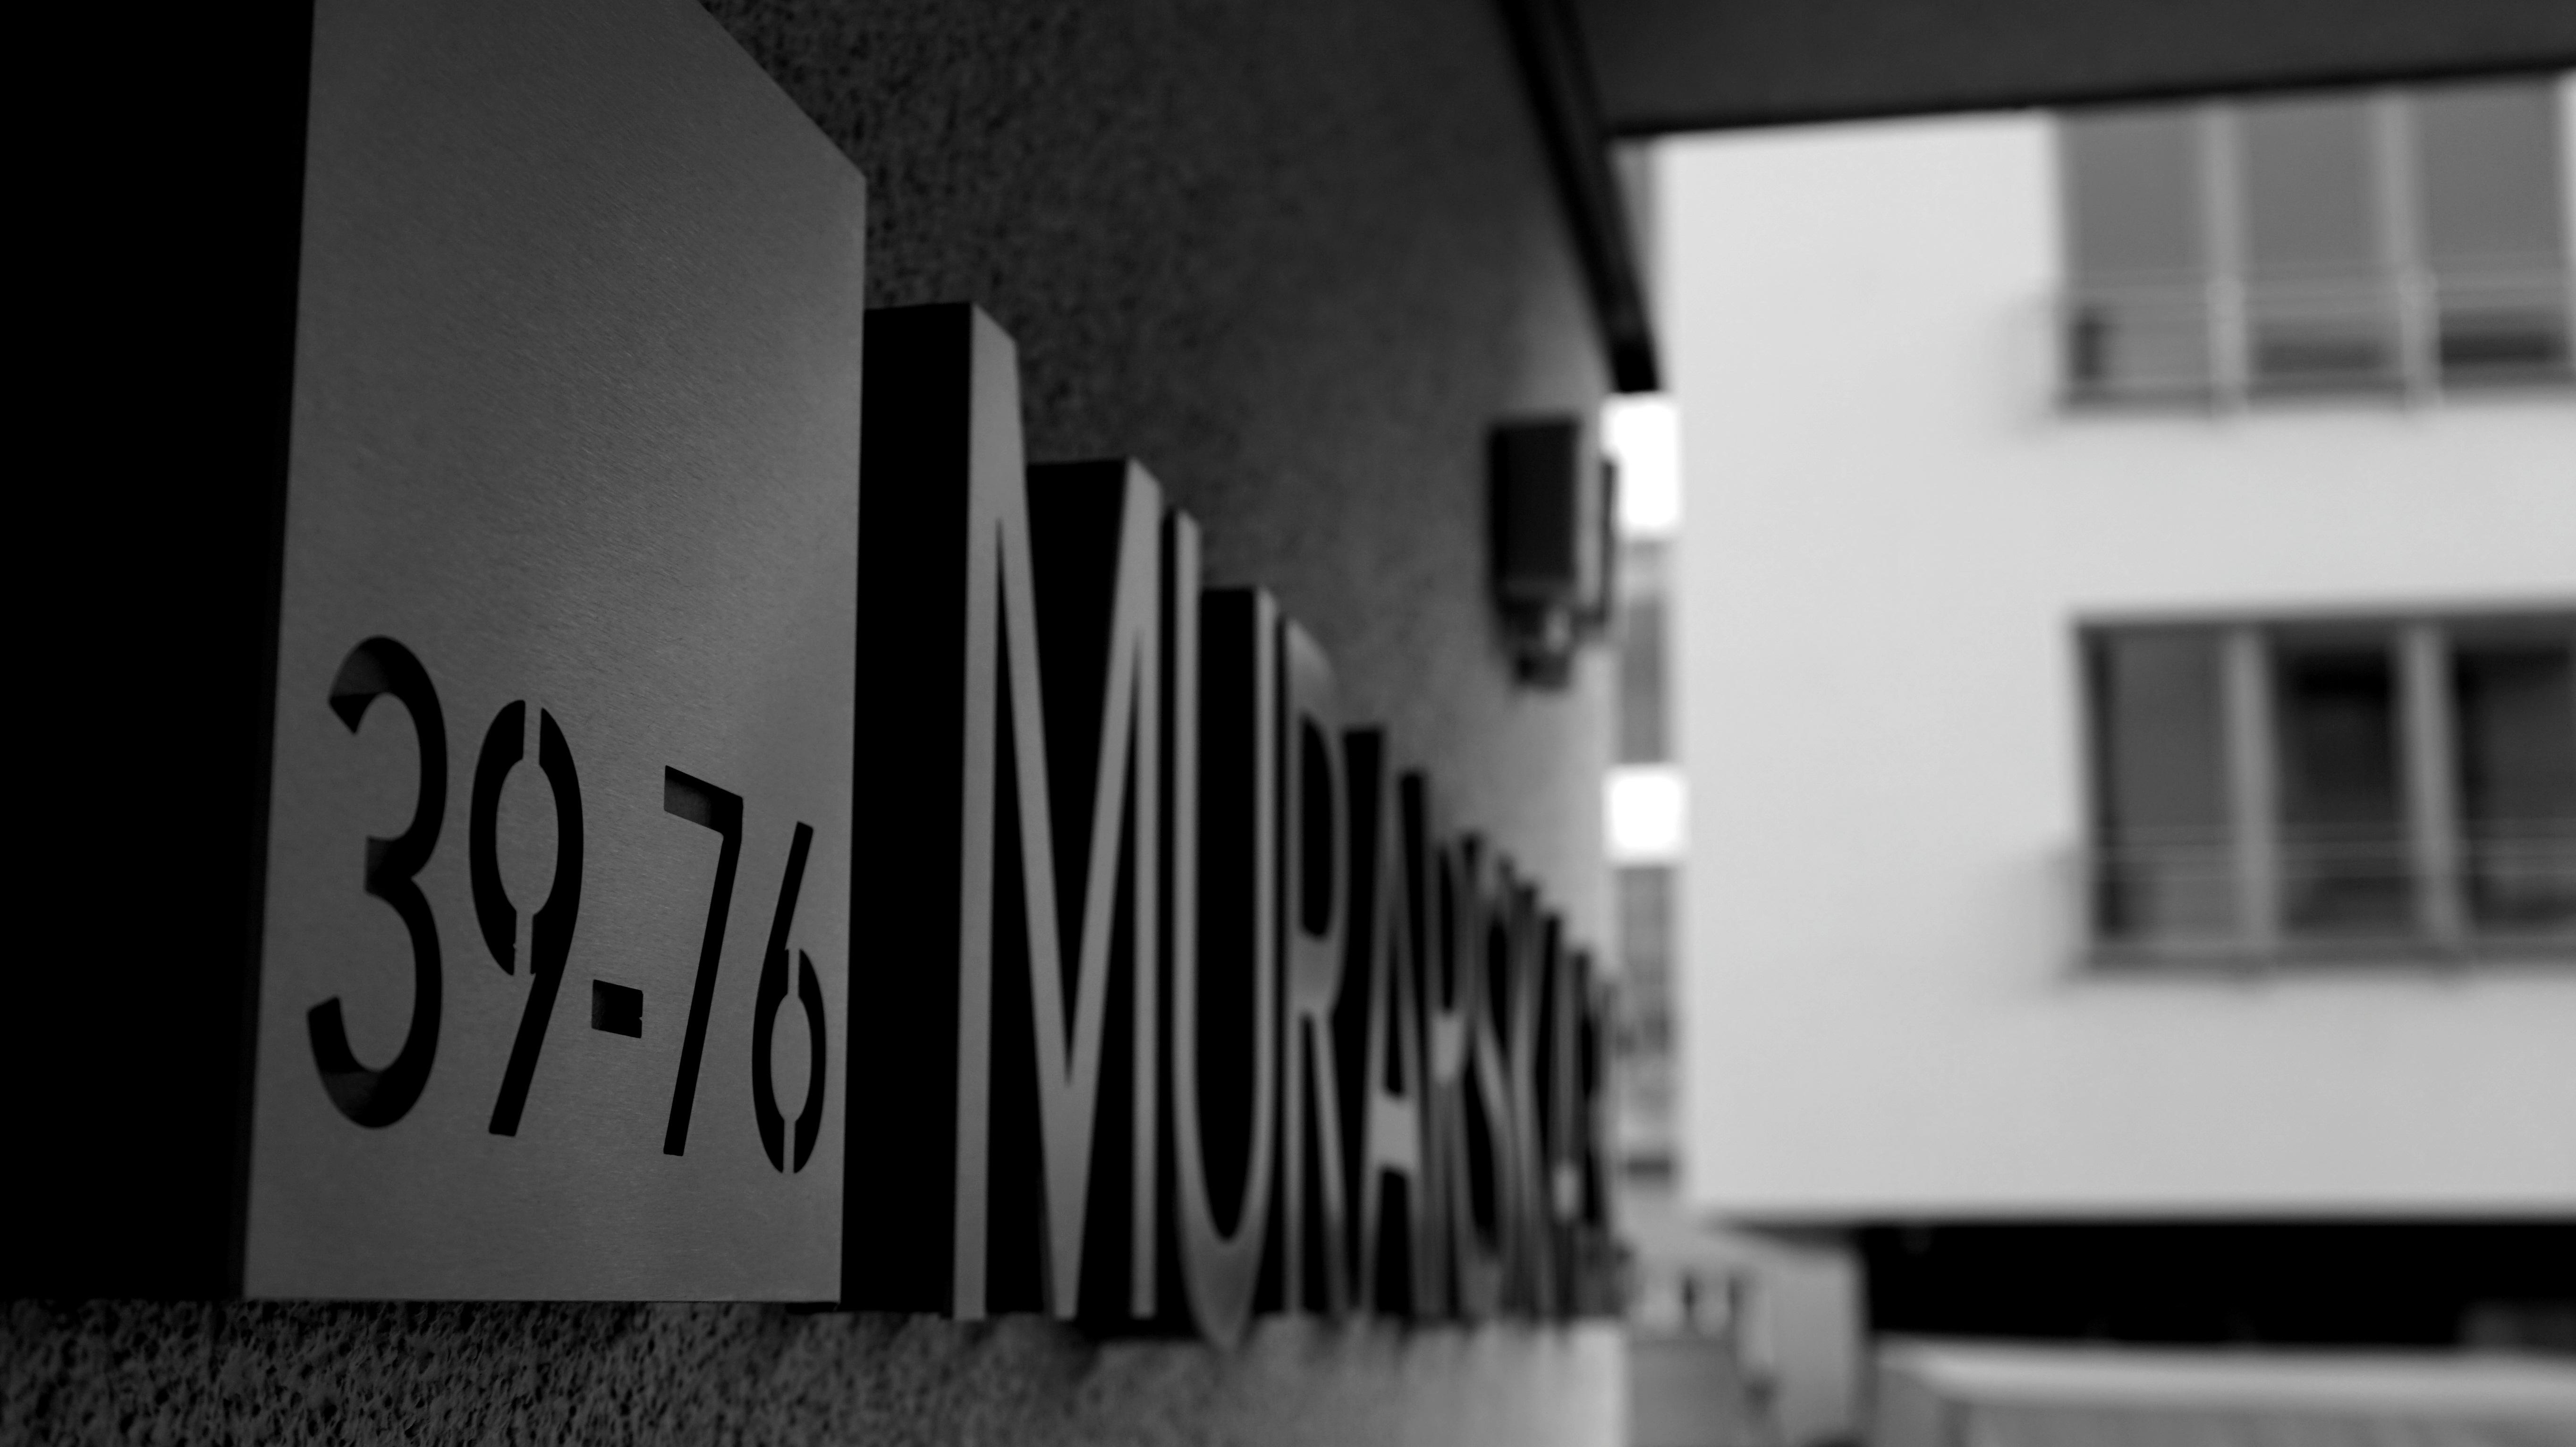 klock-oznaczenia-budynkow-symbo-2016-001